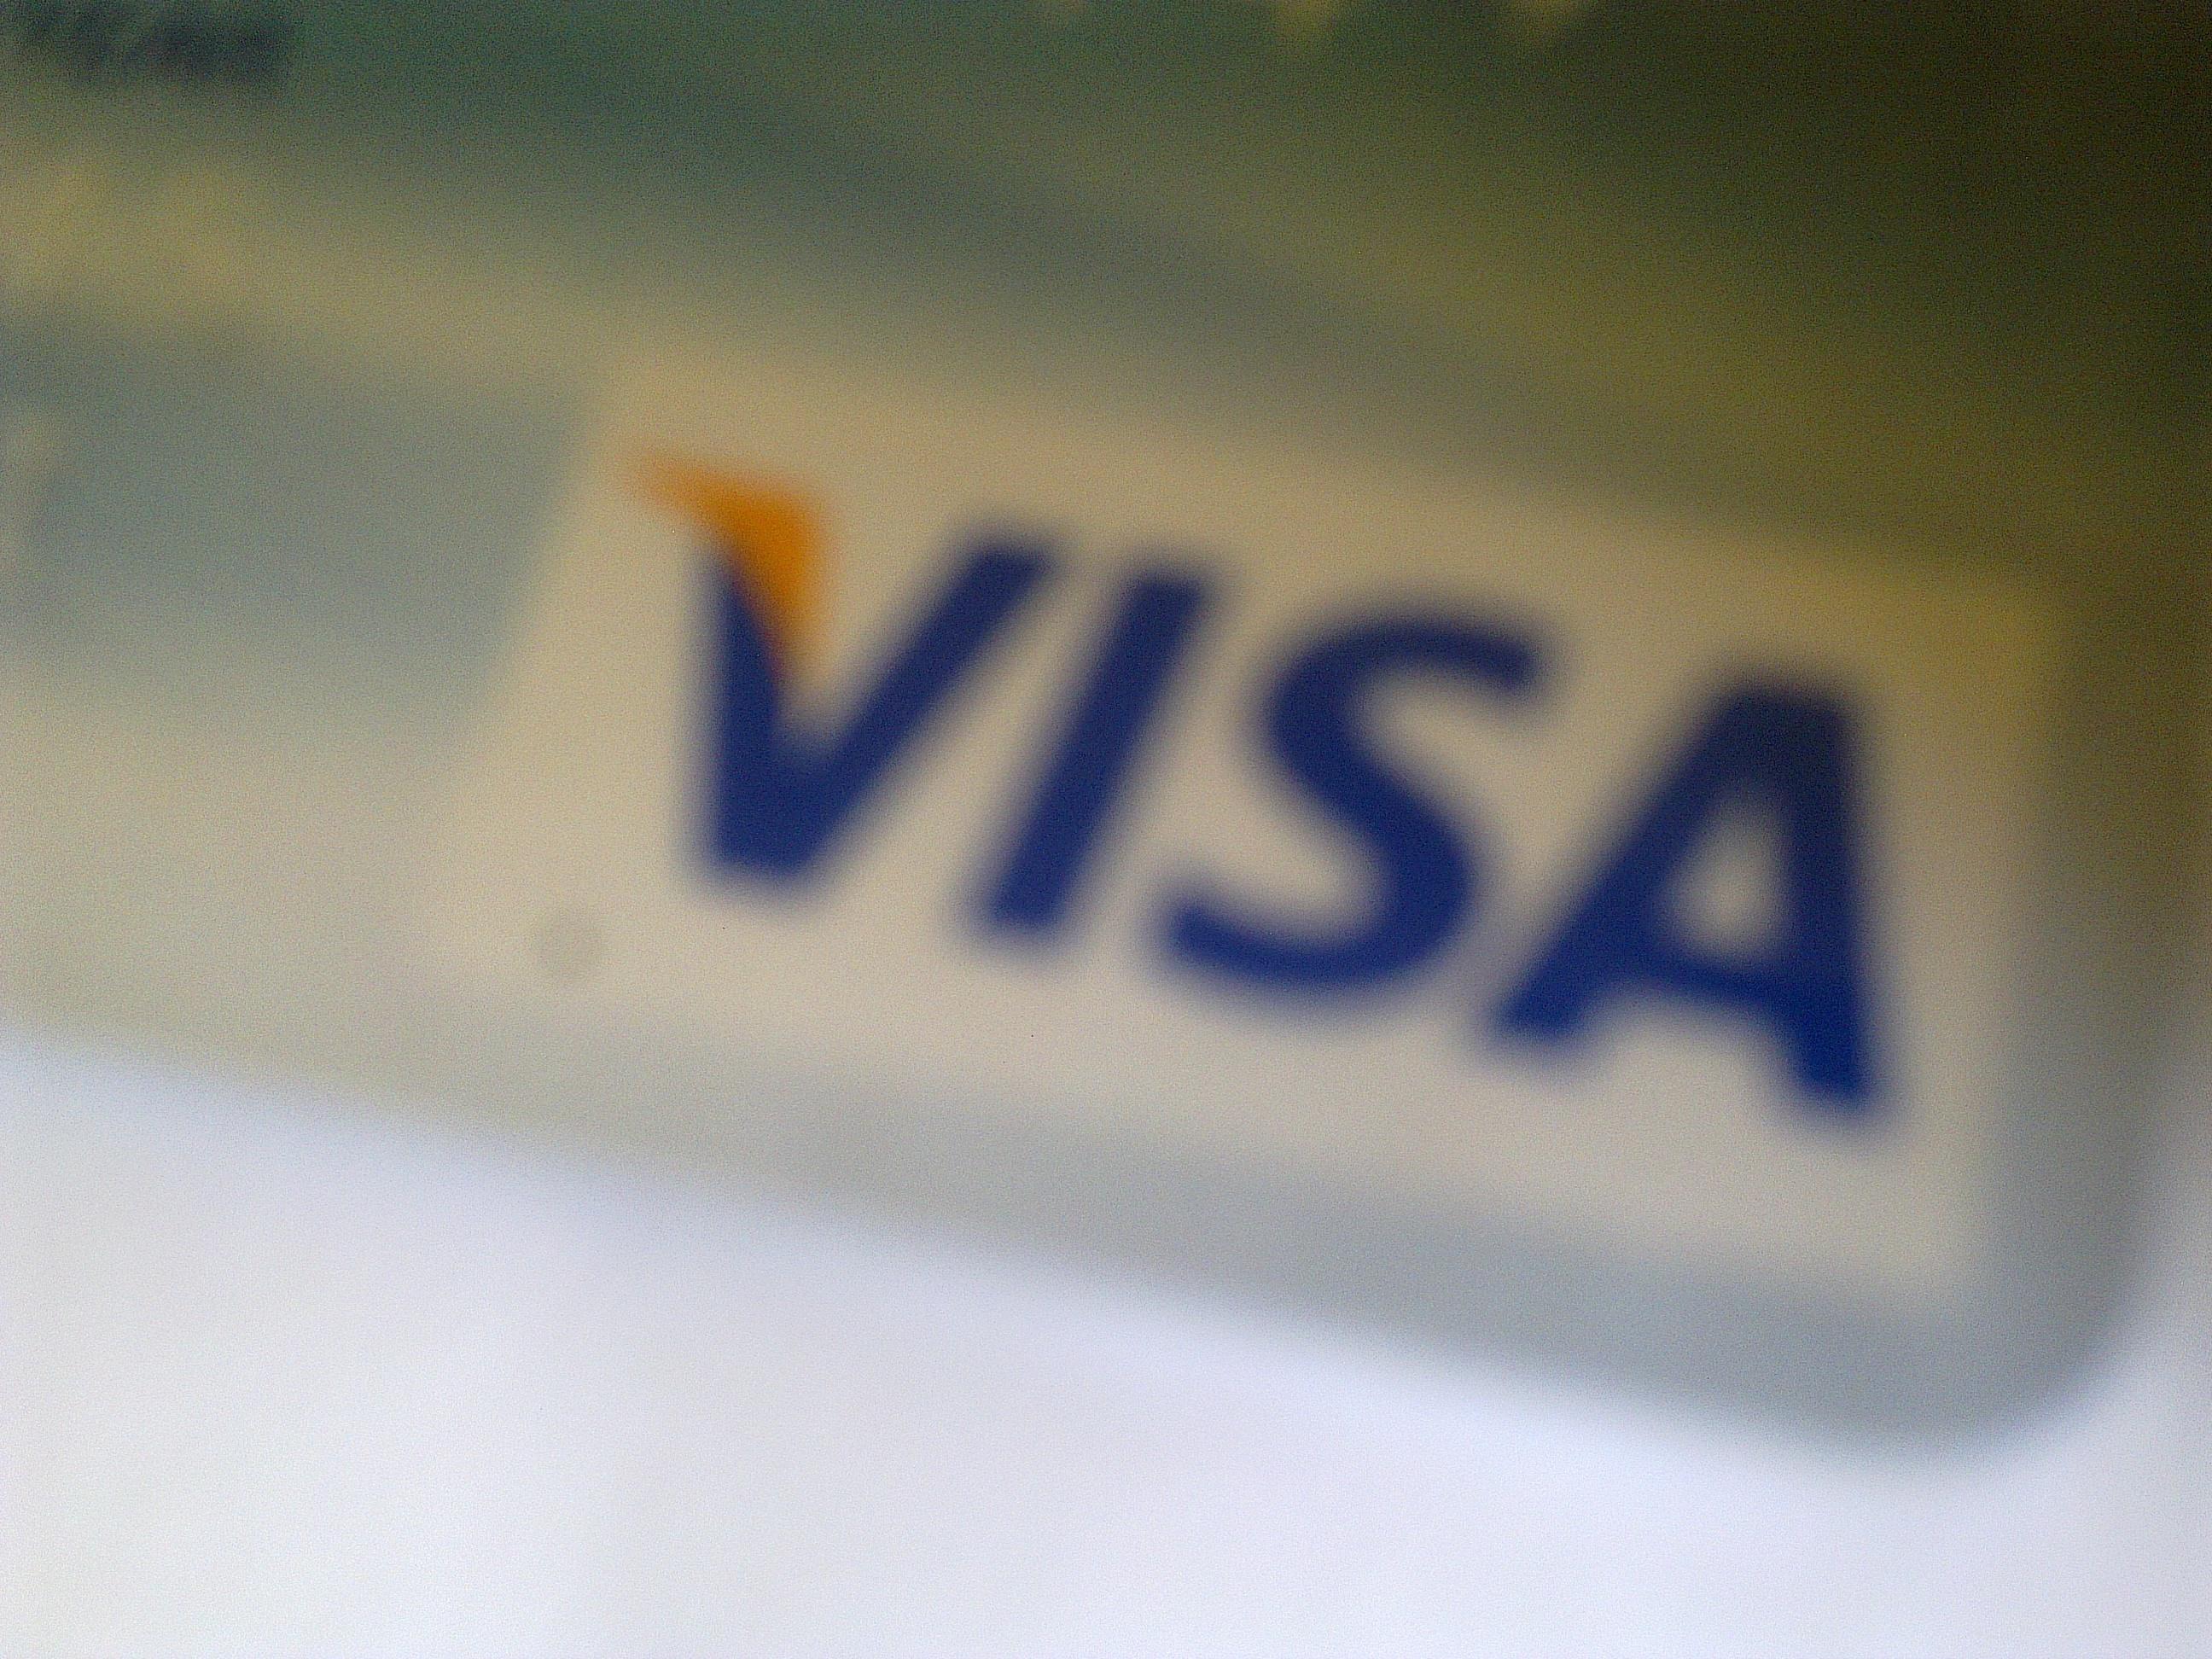 Niższe prowizje za płacenie kartą